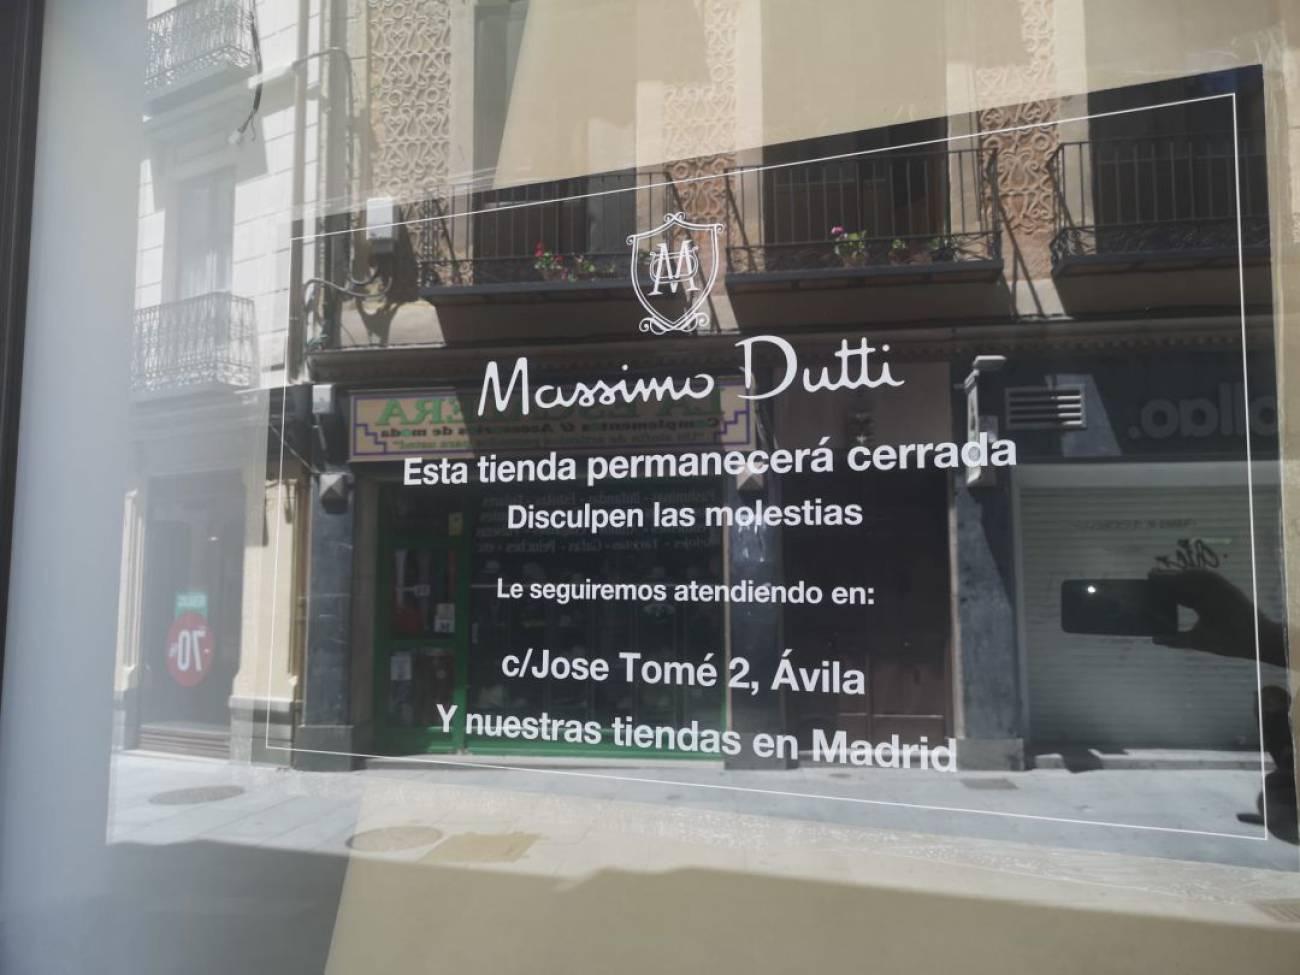 Massimo Dutti Cierra Sus Puertas En Segovia Radio Segovia Actualidad Cadena Ser